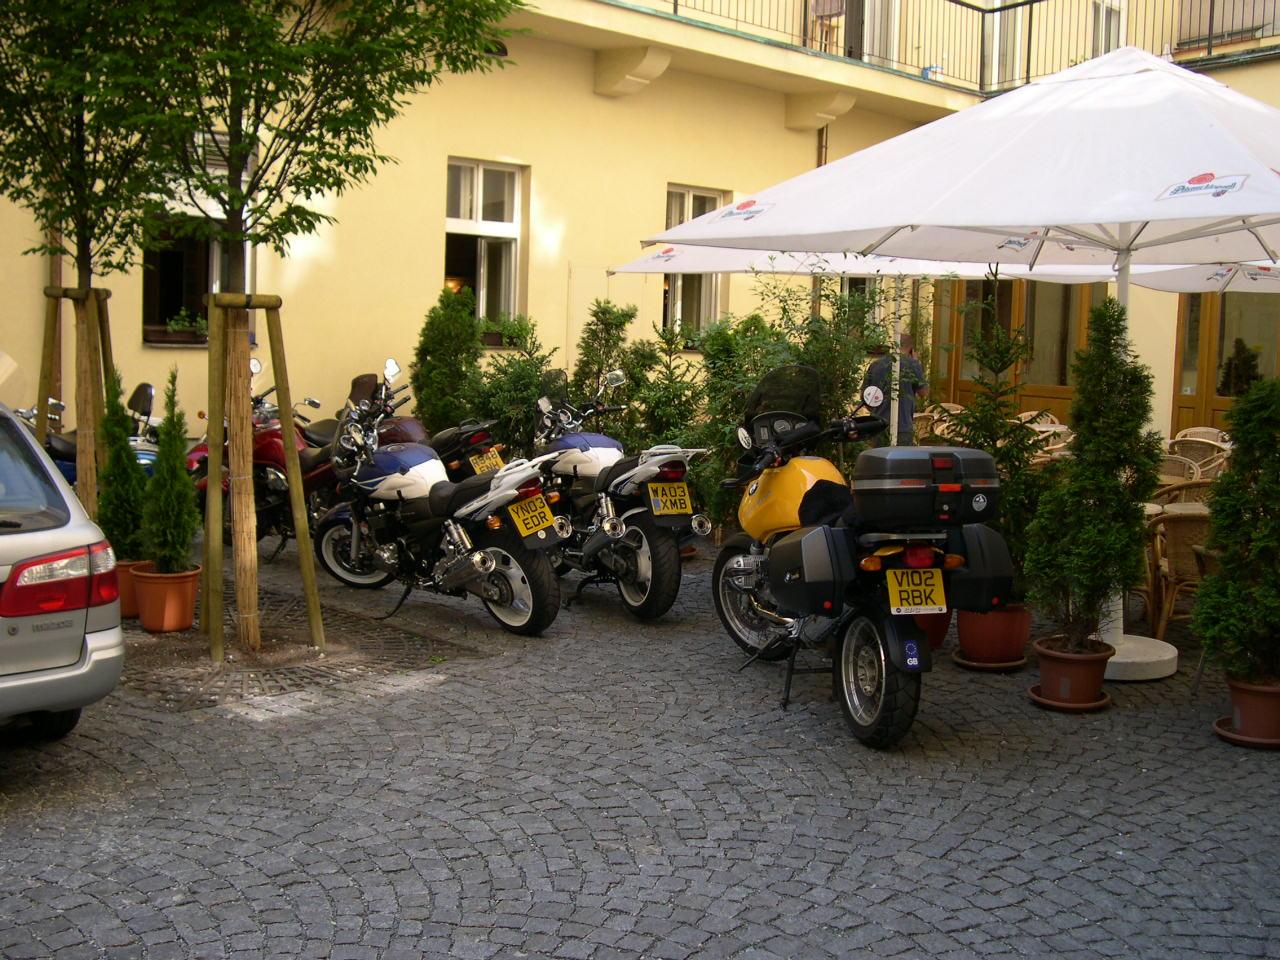 Parked in Prague